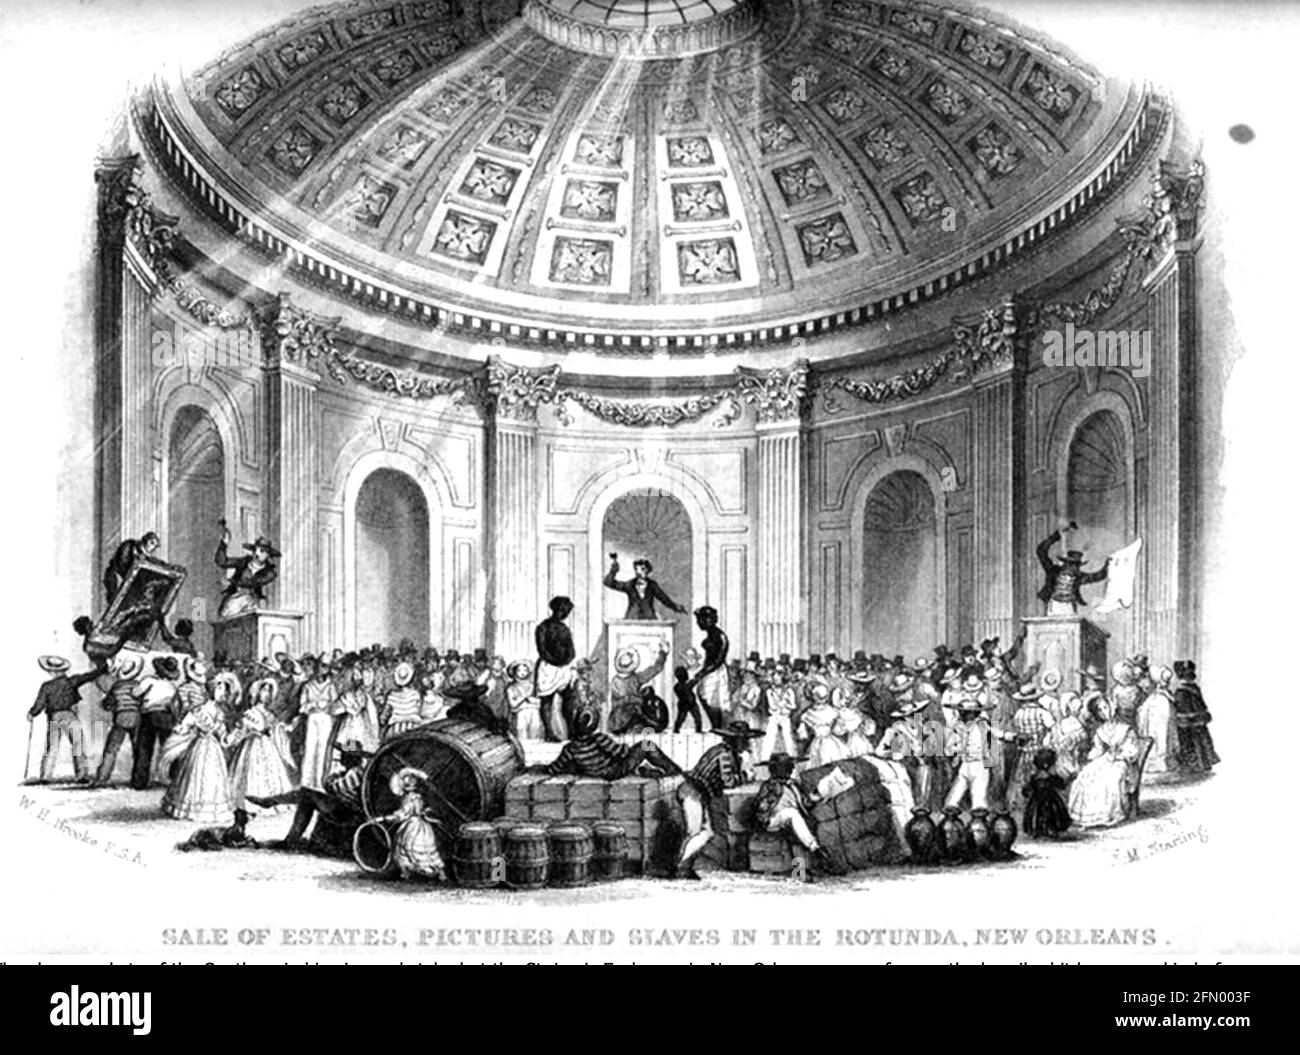 ROTUNDA, la Nouvelle-Orléans. 'Le monde des Estates, des photos et des esclaves à la Rotunda, la Nouvelle-Orléans' dans une gravure de 1842 Banque D'Images